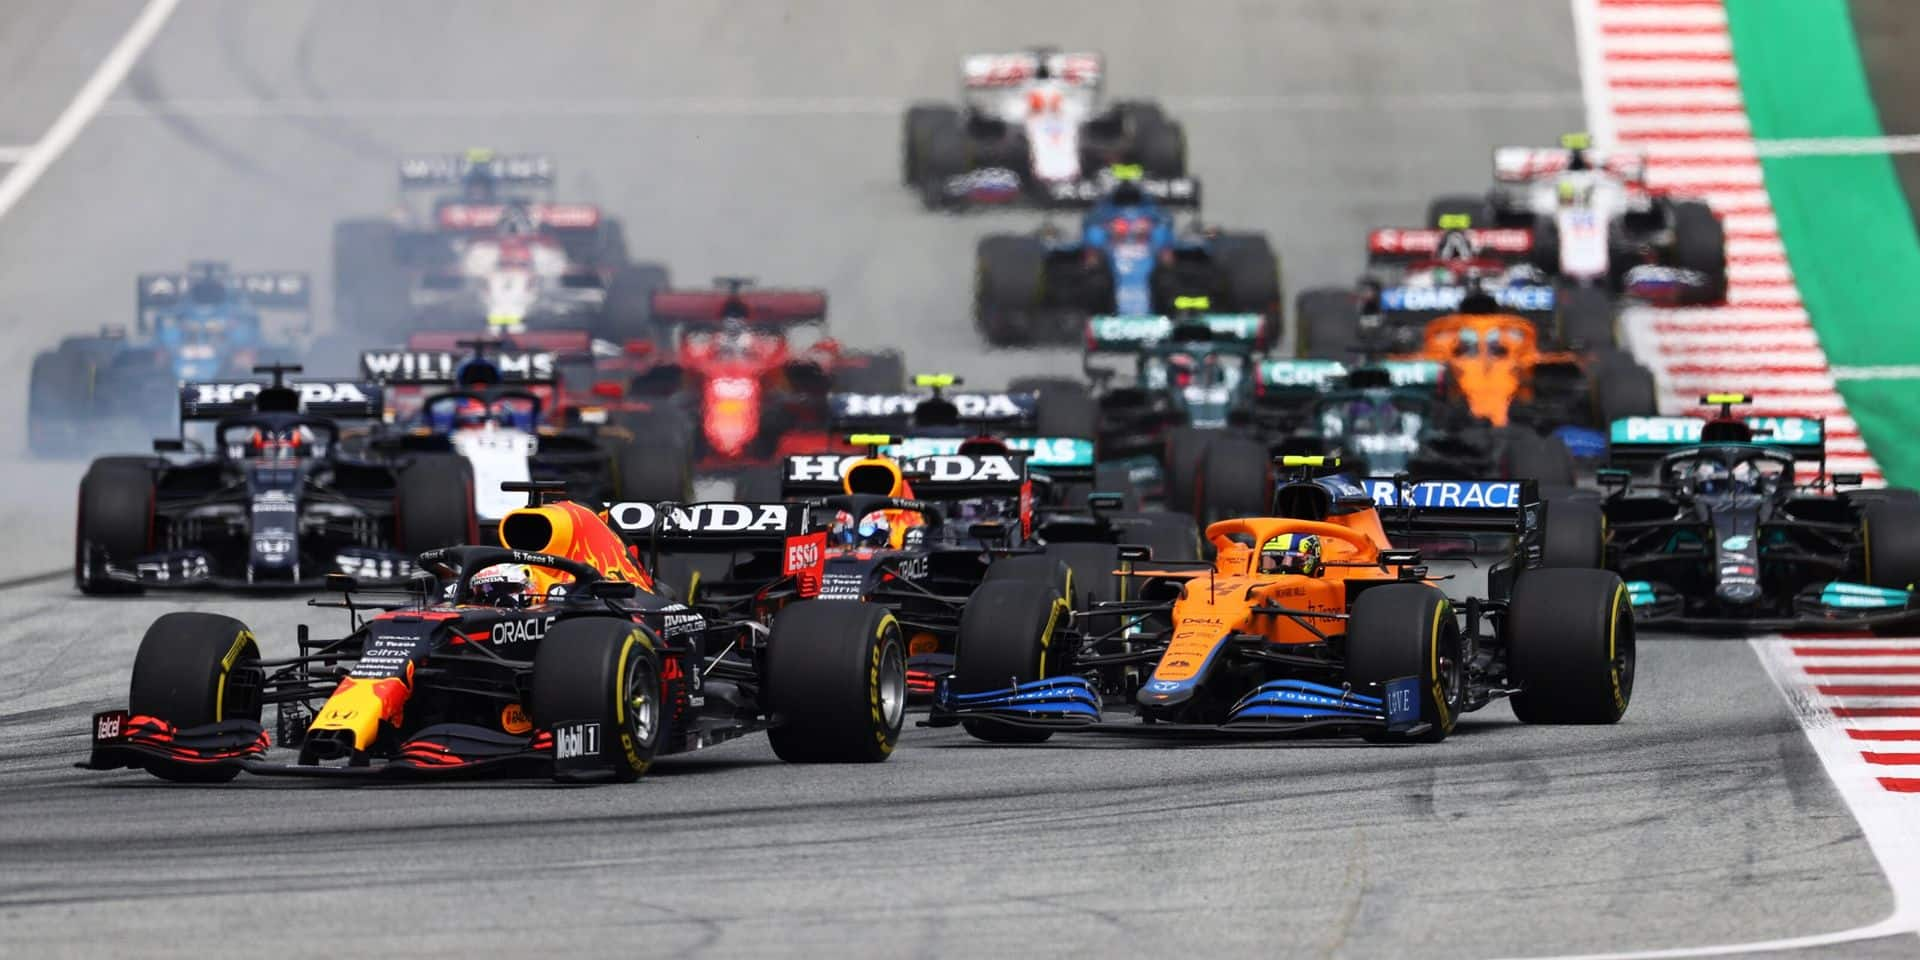 Max Verstappen remporte le GP d'Autriche devant Bottas et Norris